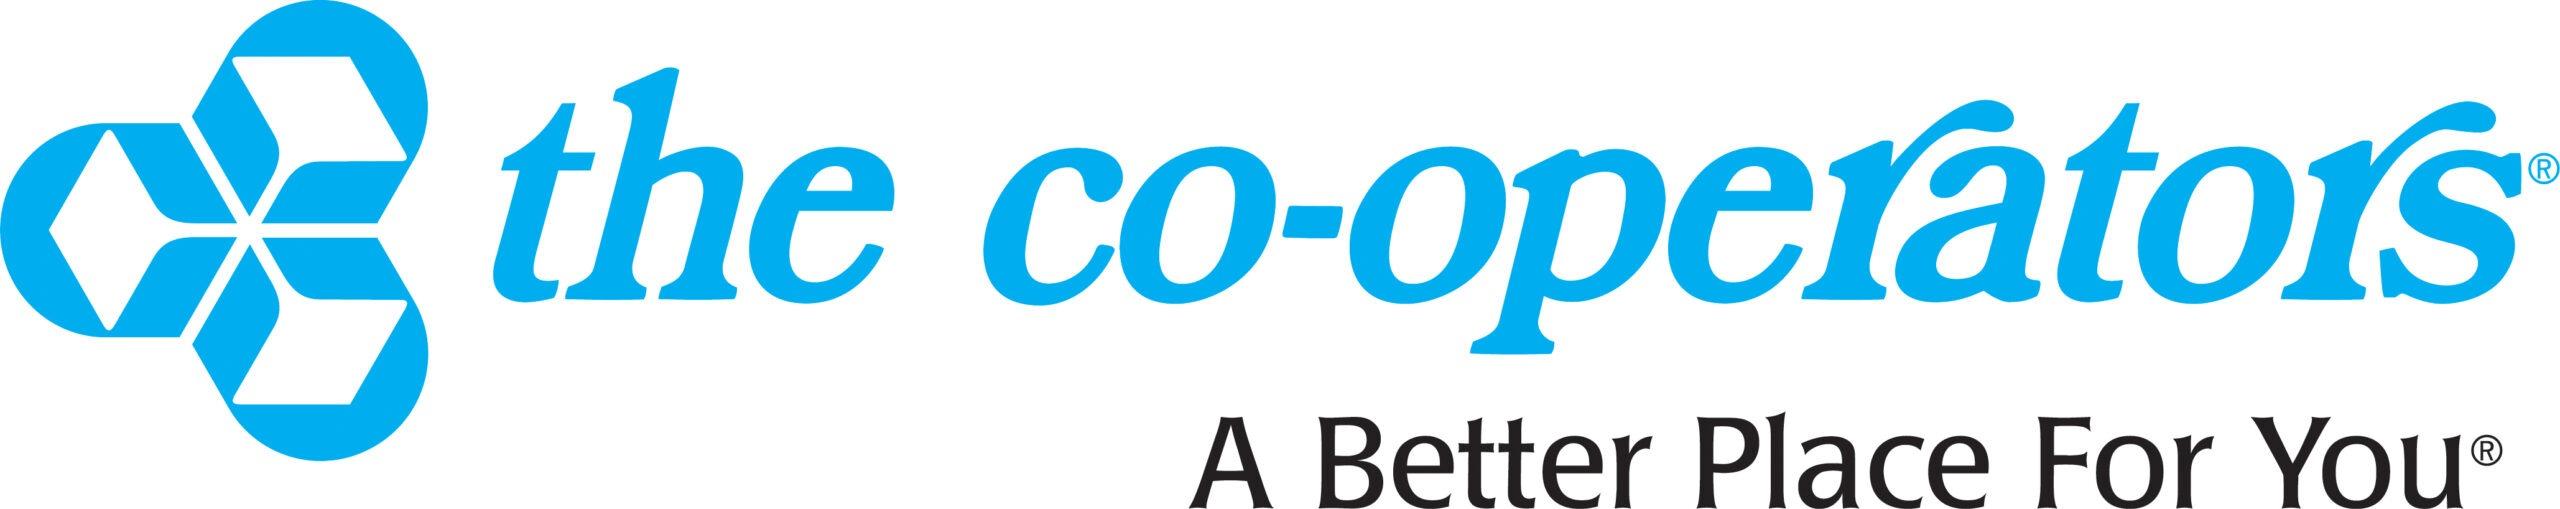 Cooperators_1linecyan_LRG